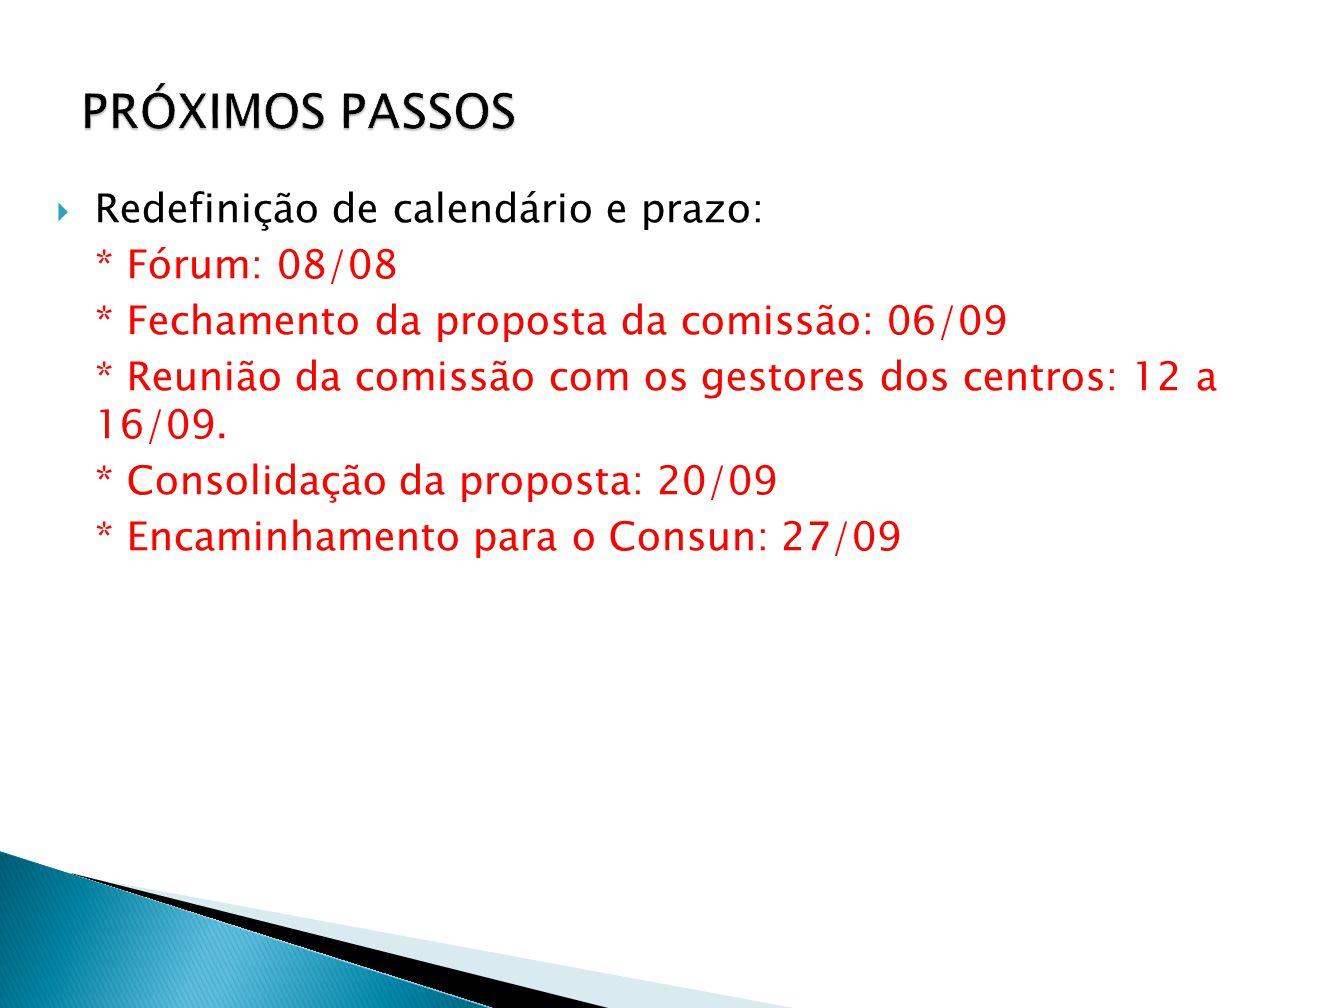  Redefinição de calendário e prazo: * Fórum: 08/08 * Fechamento da proposta da comissão: 06/09 * Reunião da comissão com os gestores dos centros: 12